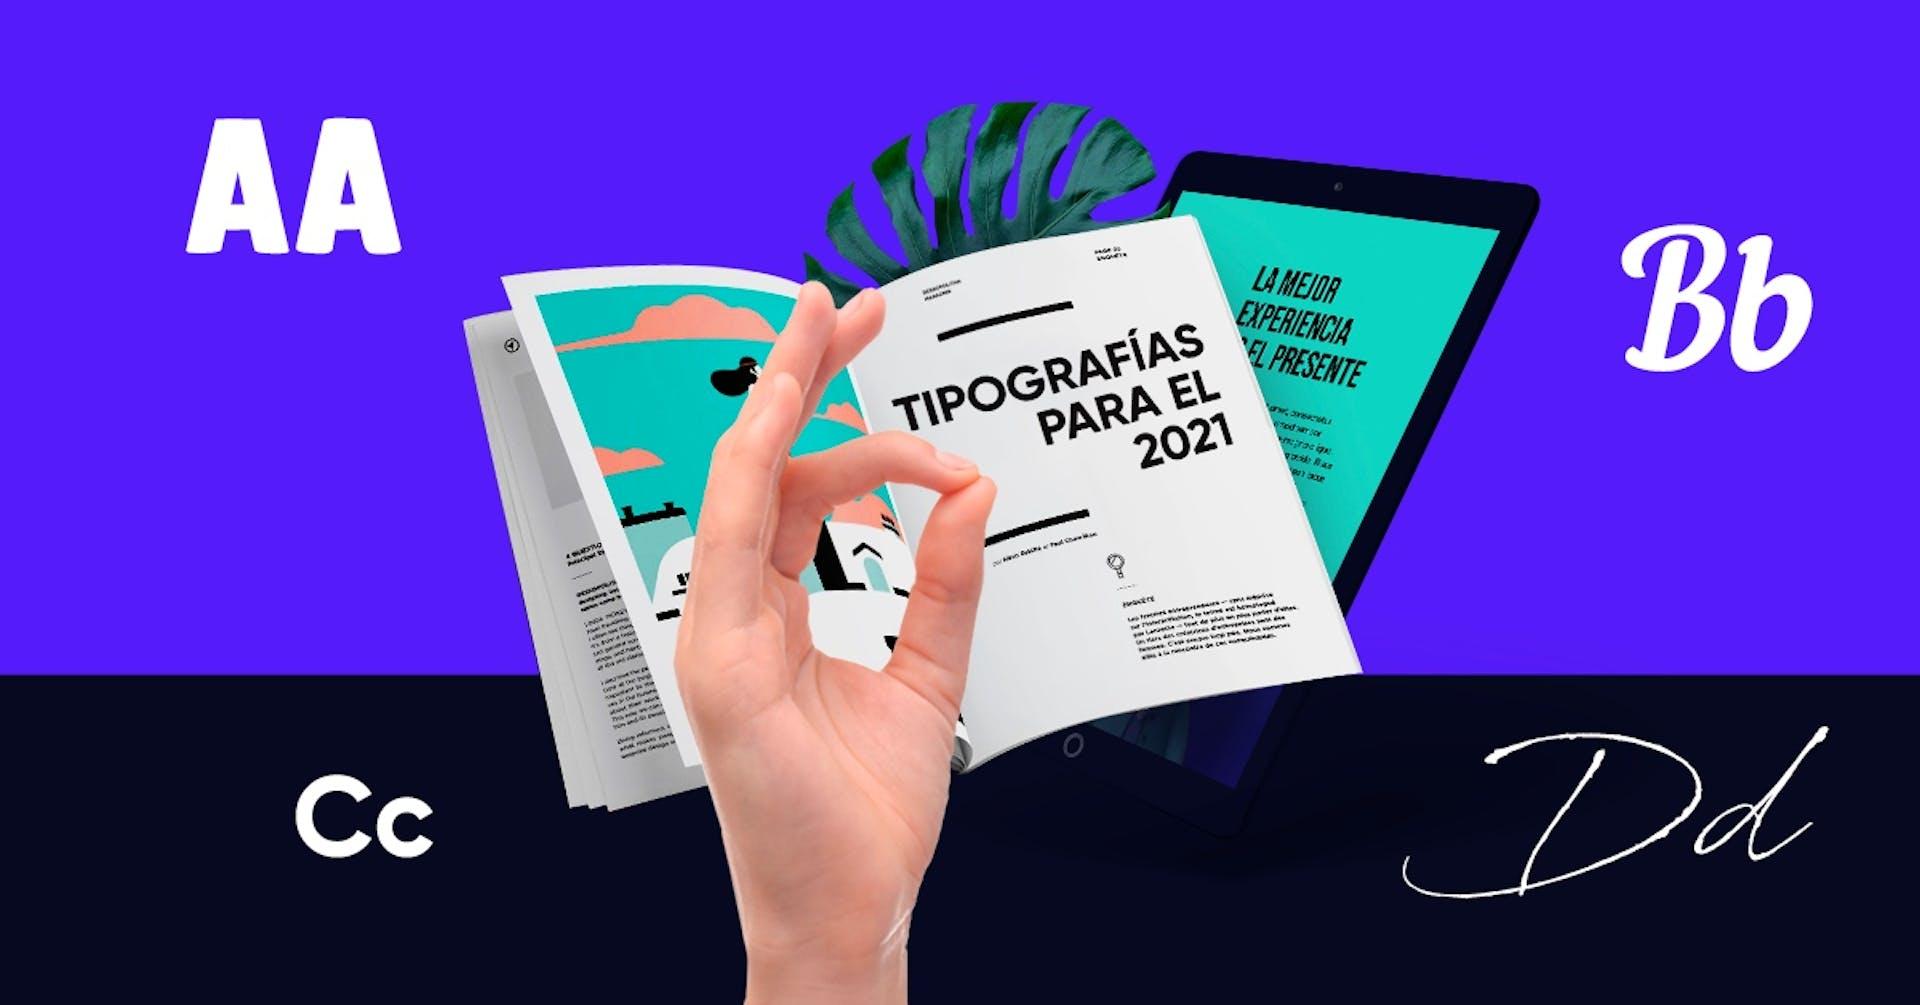 Tipografías para revistas: ¡conoce cómo cautivar con tus publicaciones!